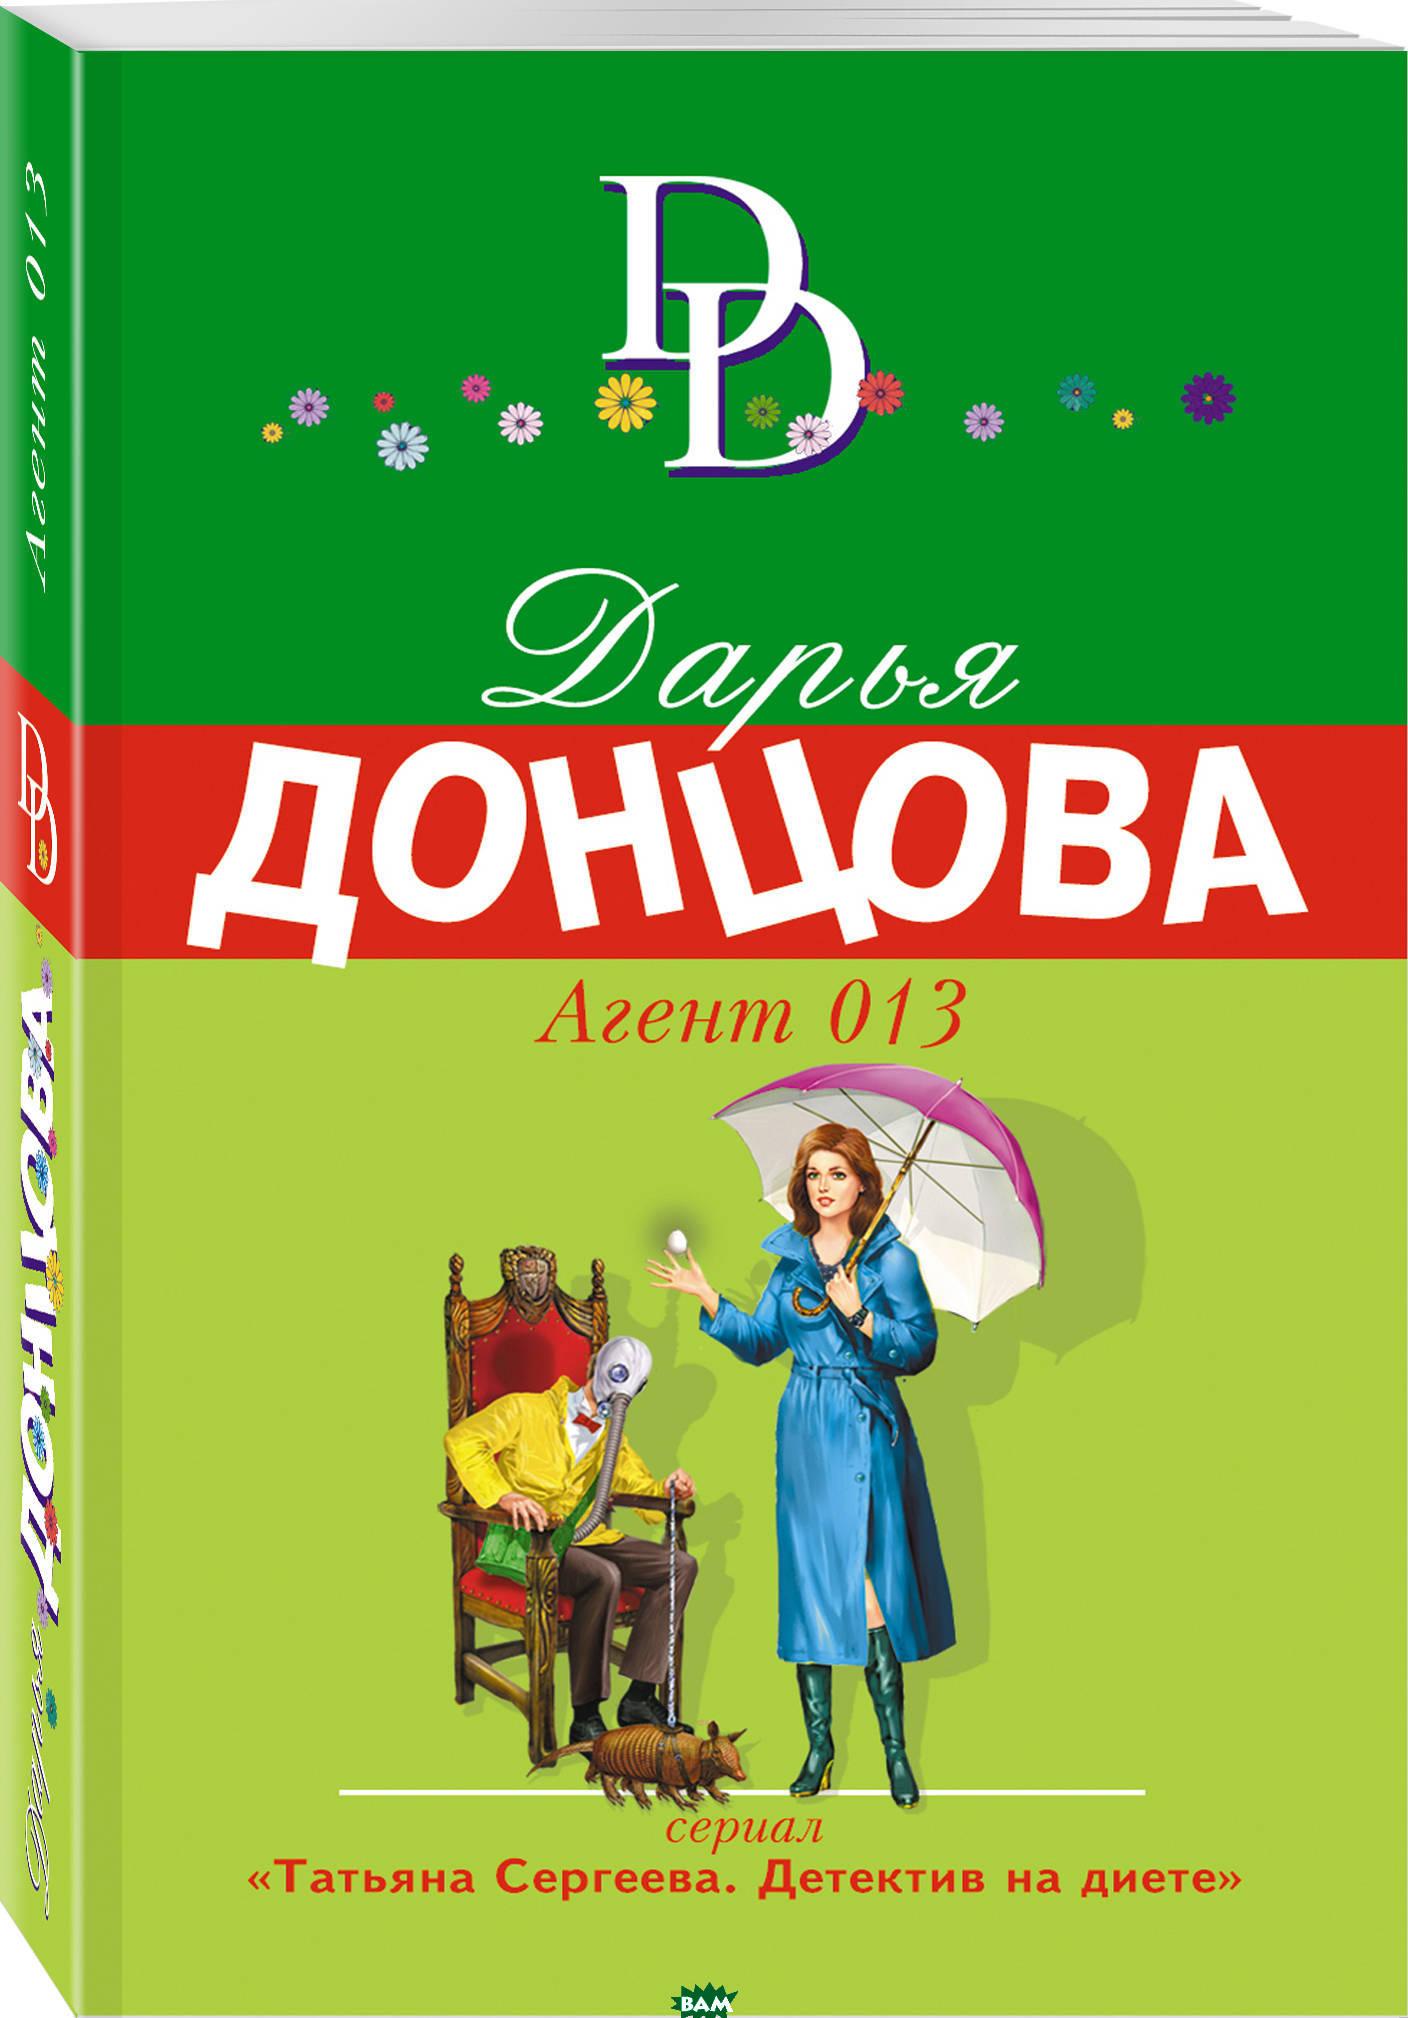 Купить Агент 013, Издательство`Эксмо`ООО, Дарья Донцова, 978-5-04-104633-0